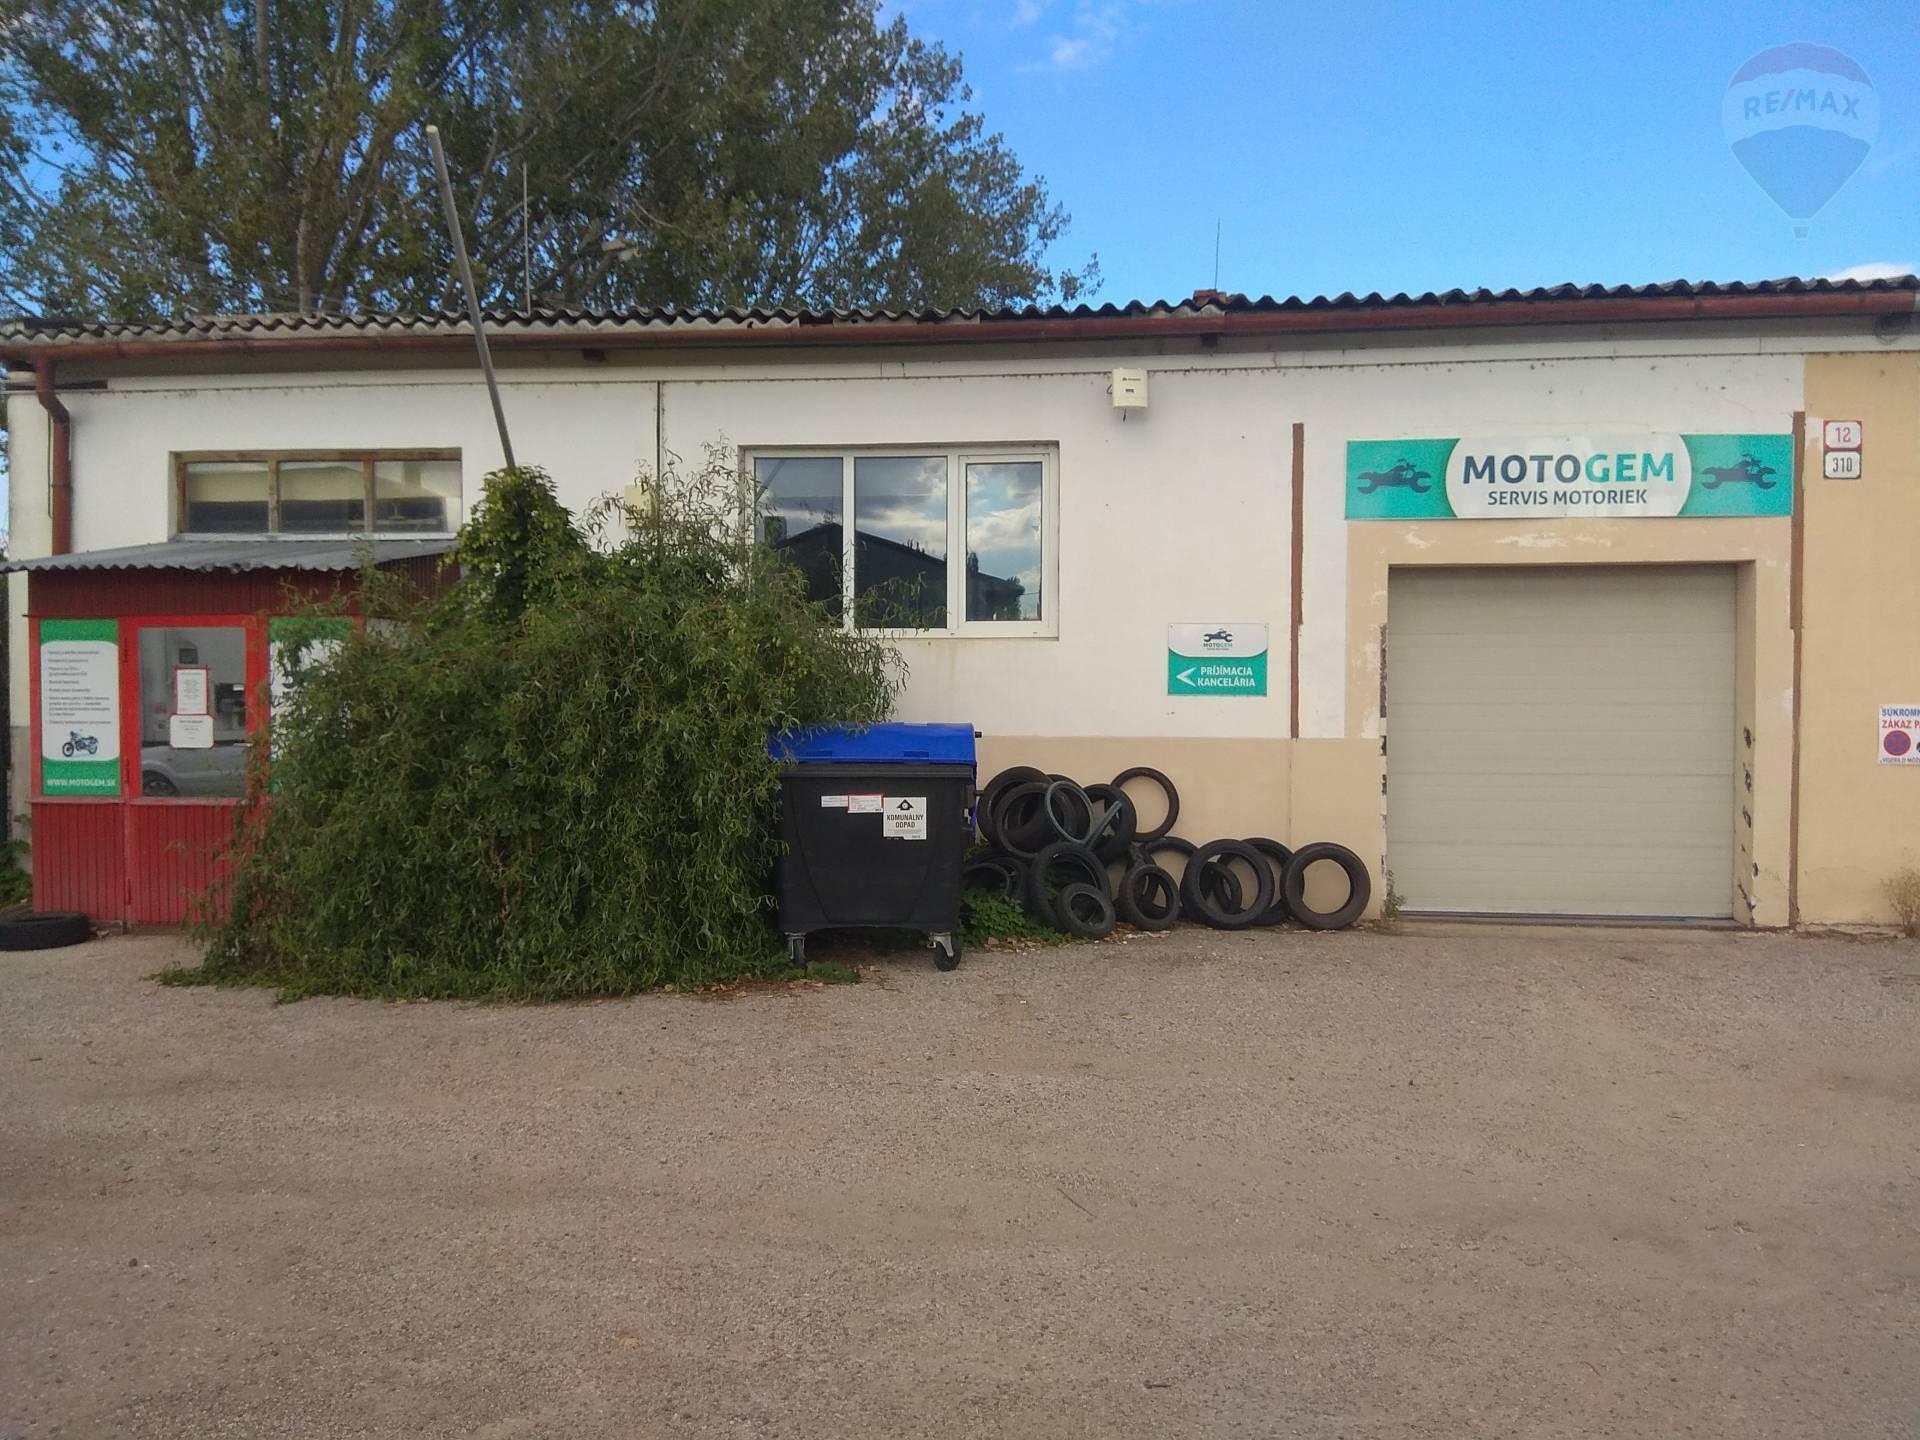 Predaj, odstúpenie prevádzky servisu motoriek Nitra